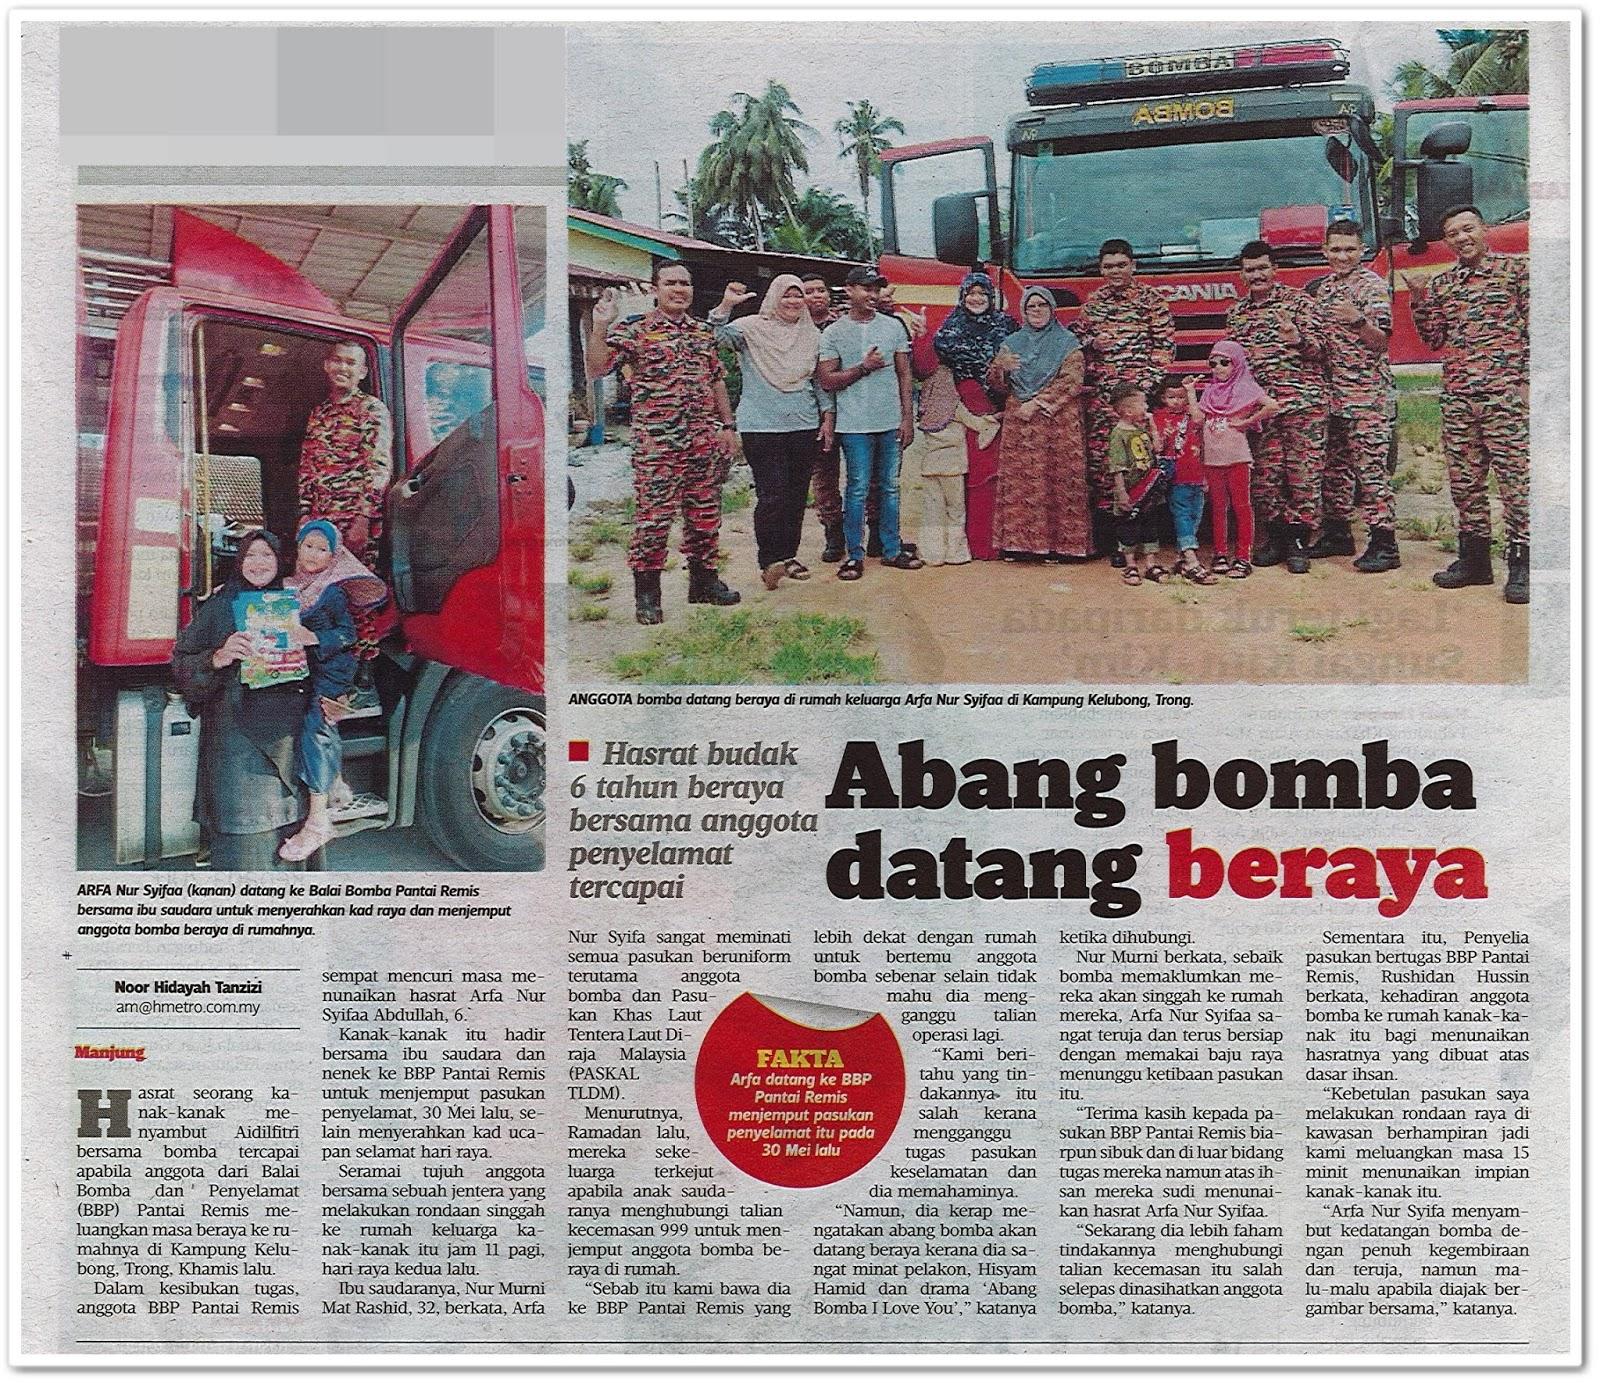 Abang bomba datang beraya - Keratan akhbar Harian Metro 11 Jun 2019